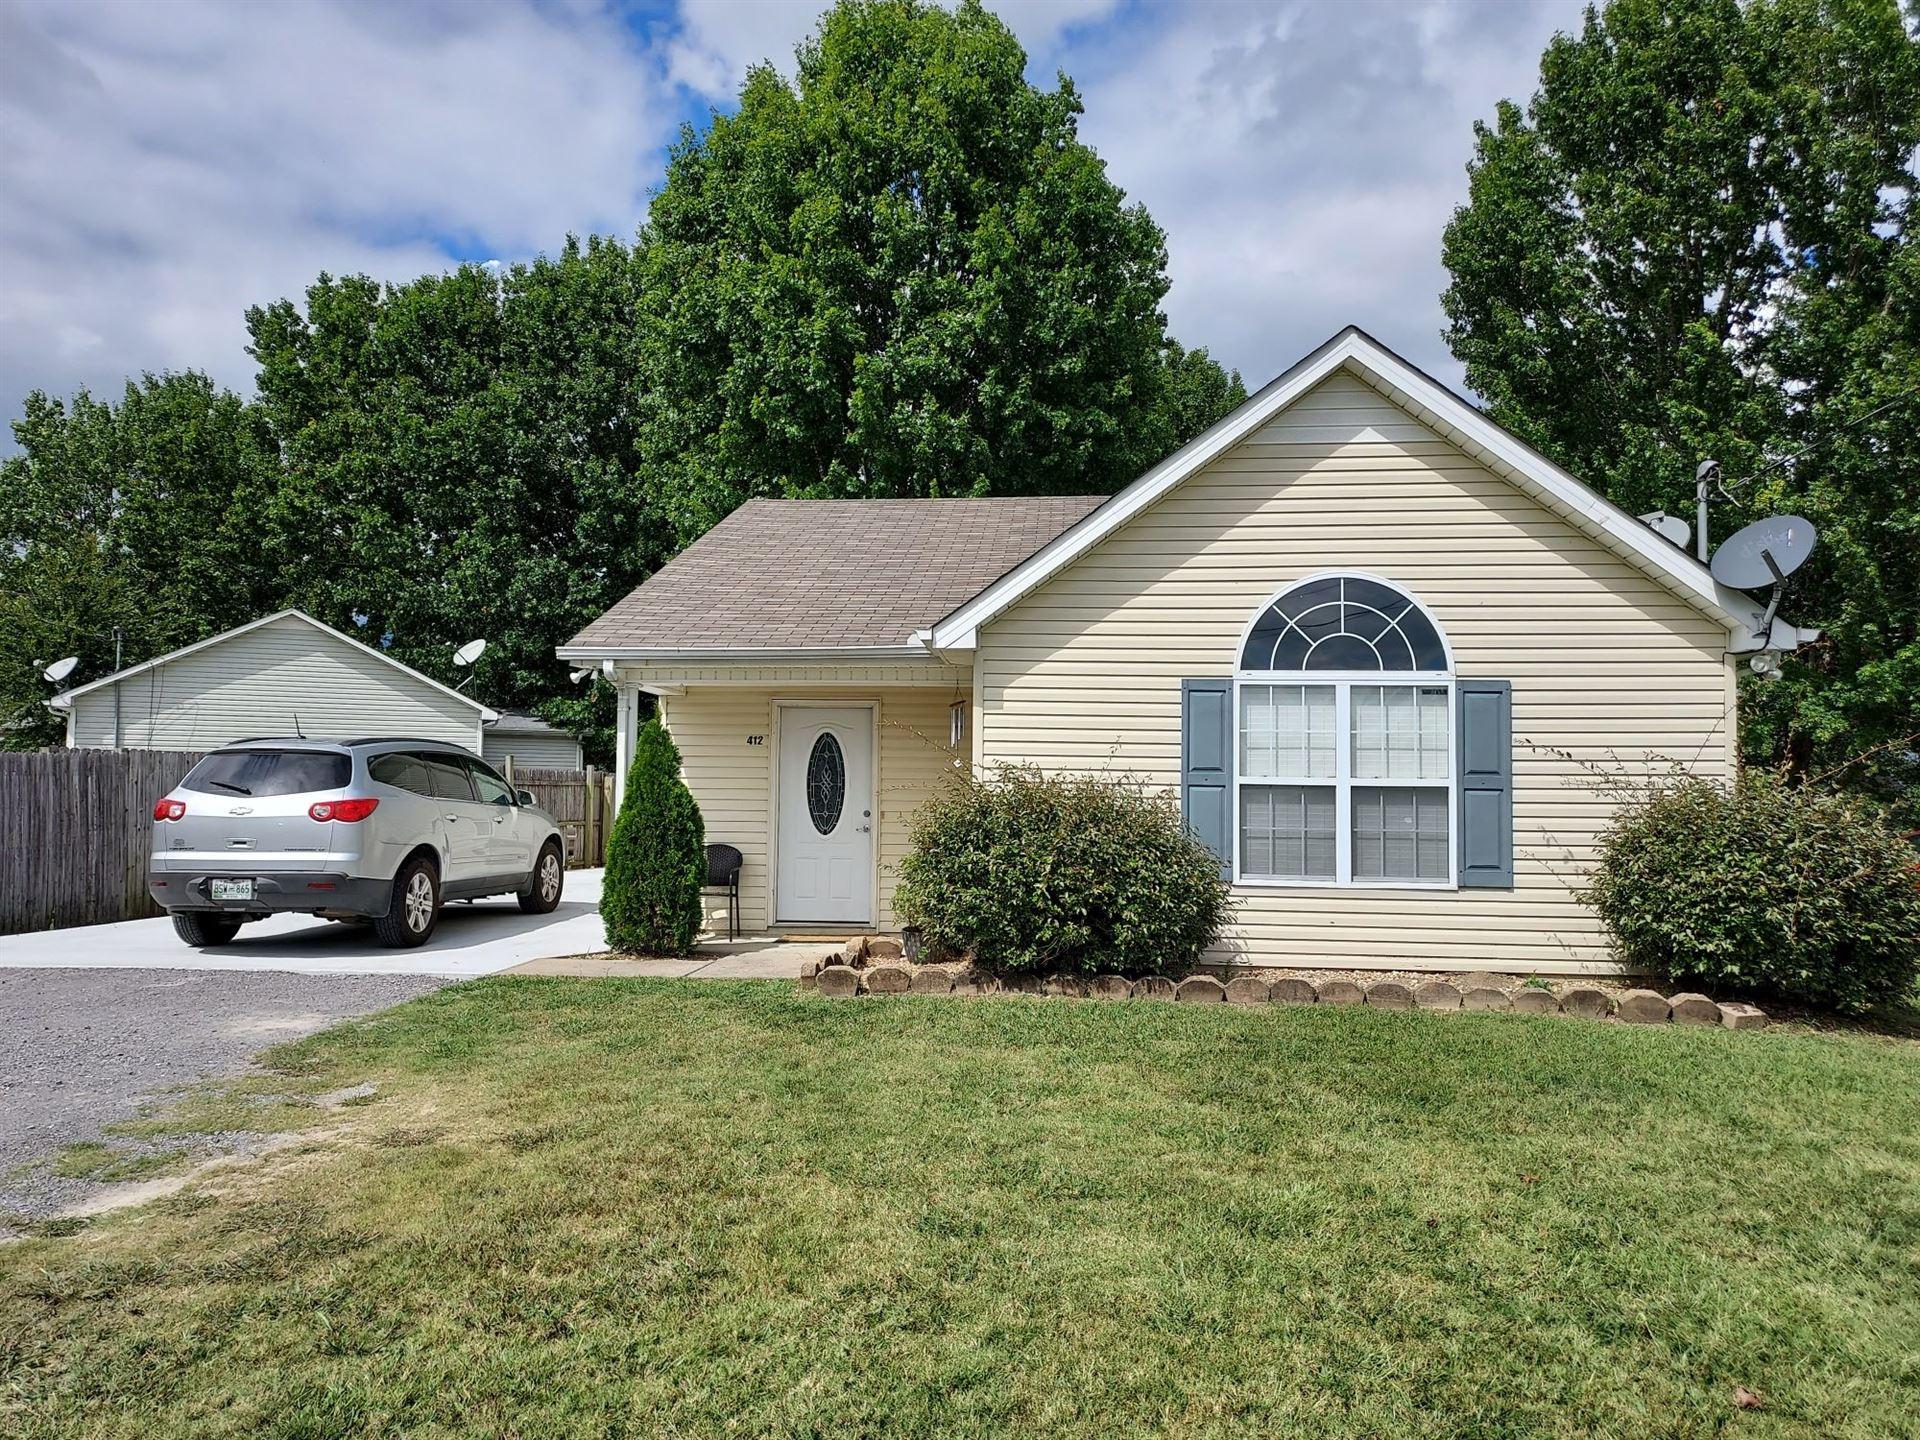 412 Fairway Grn, Shelbyville, TN 37160 - MLS#: 2291936